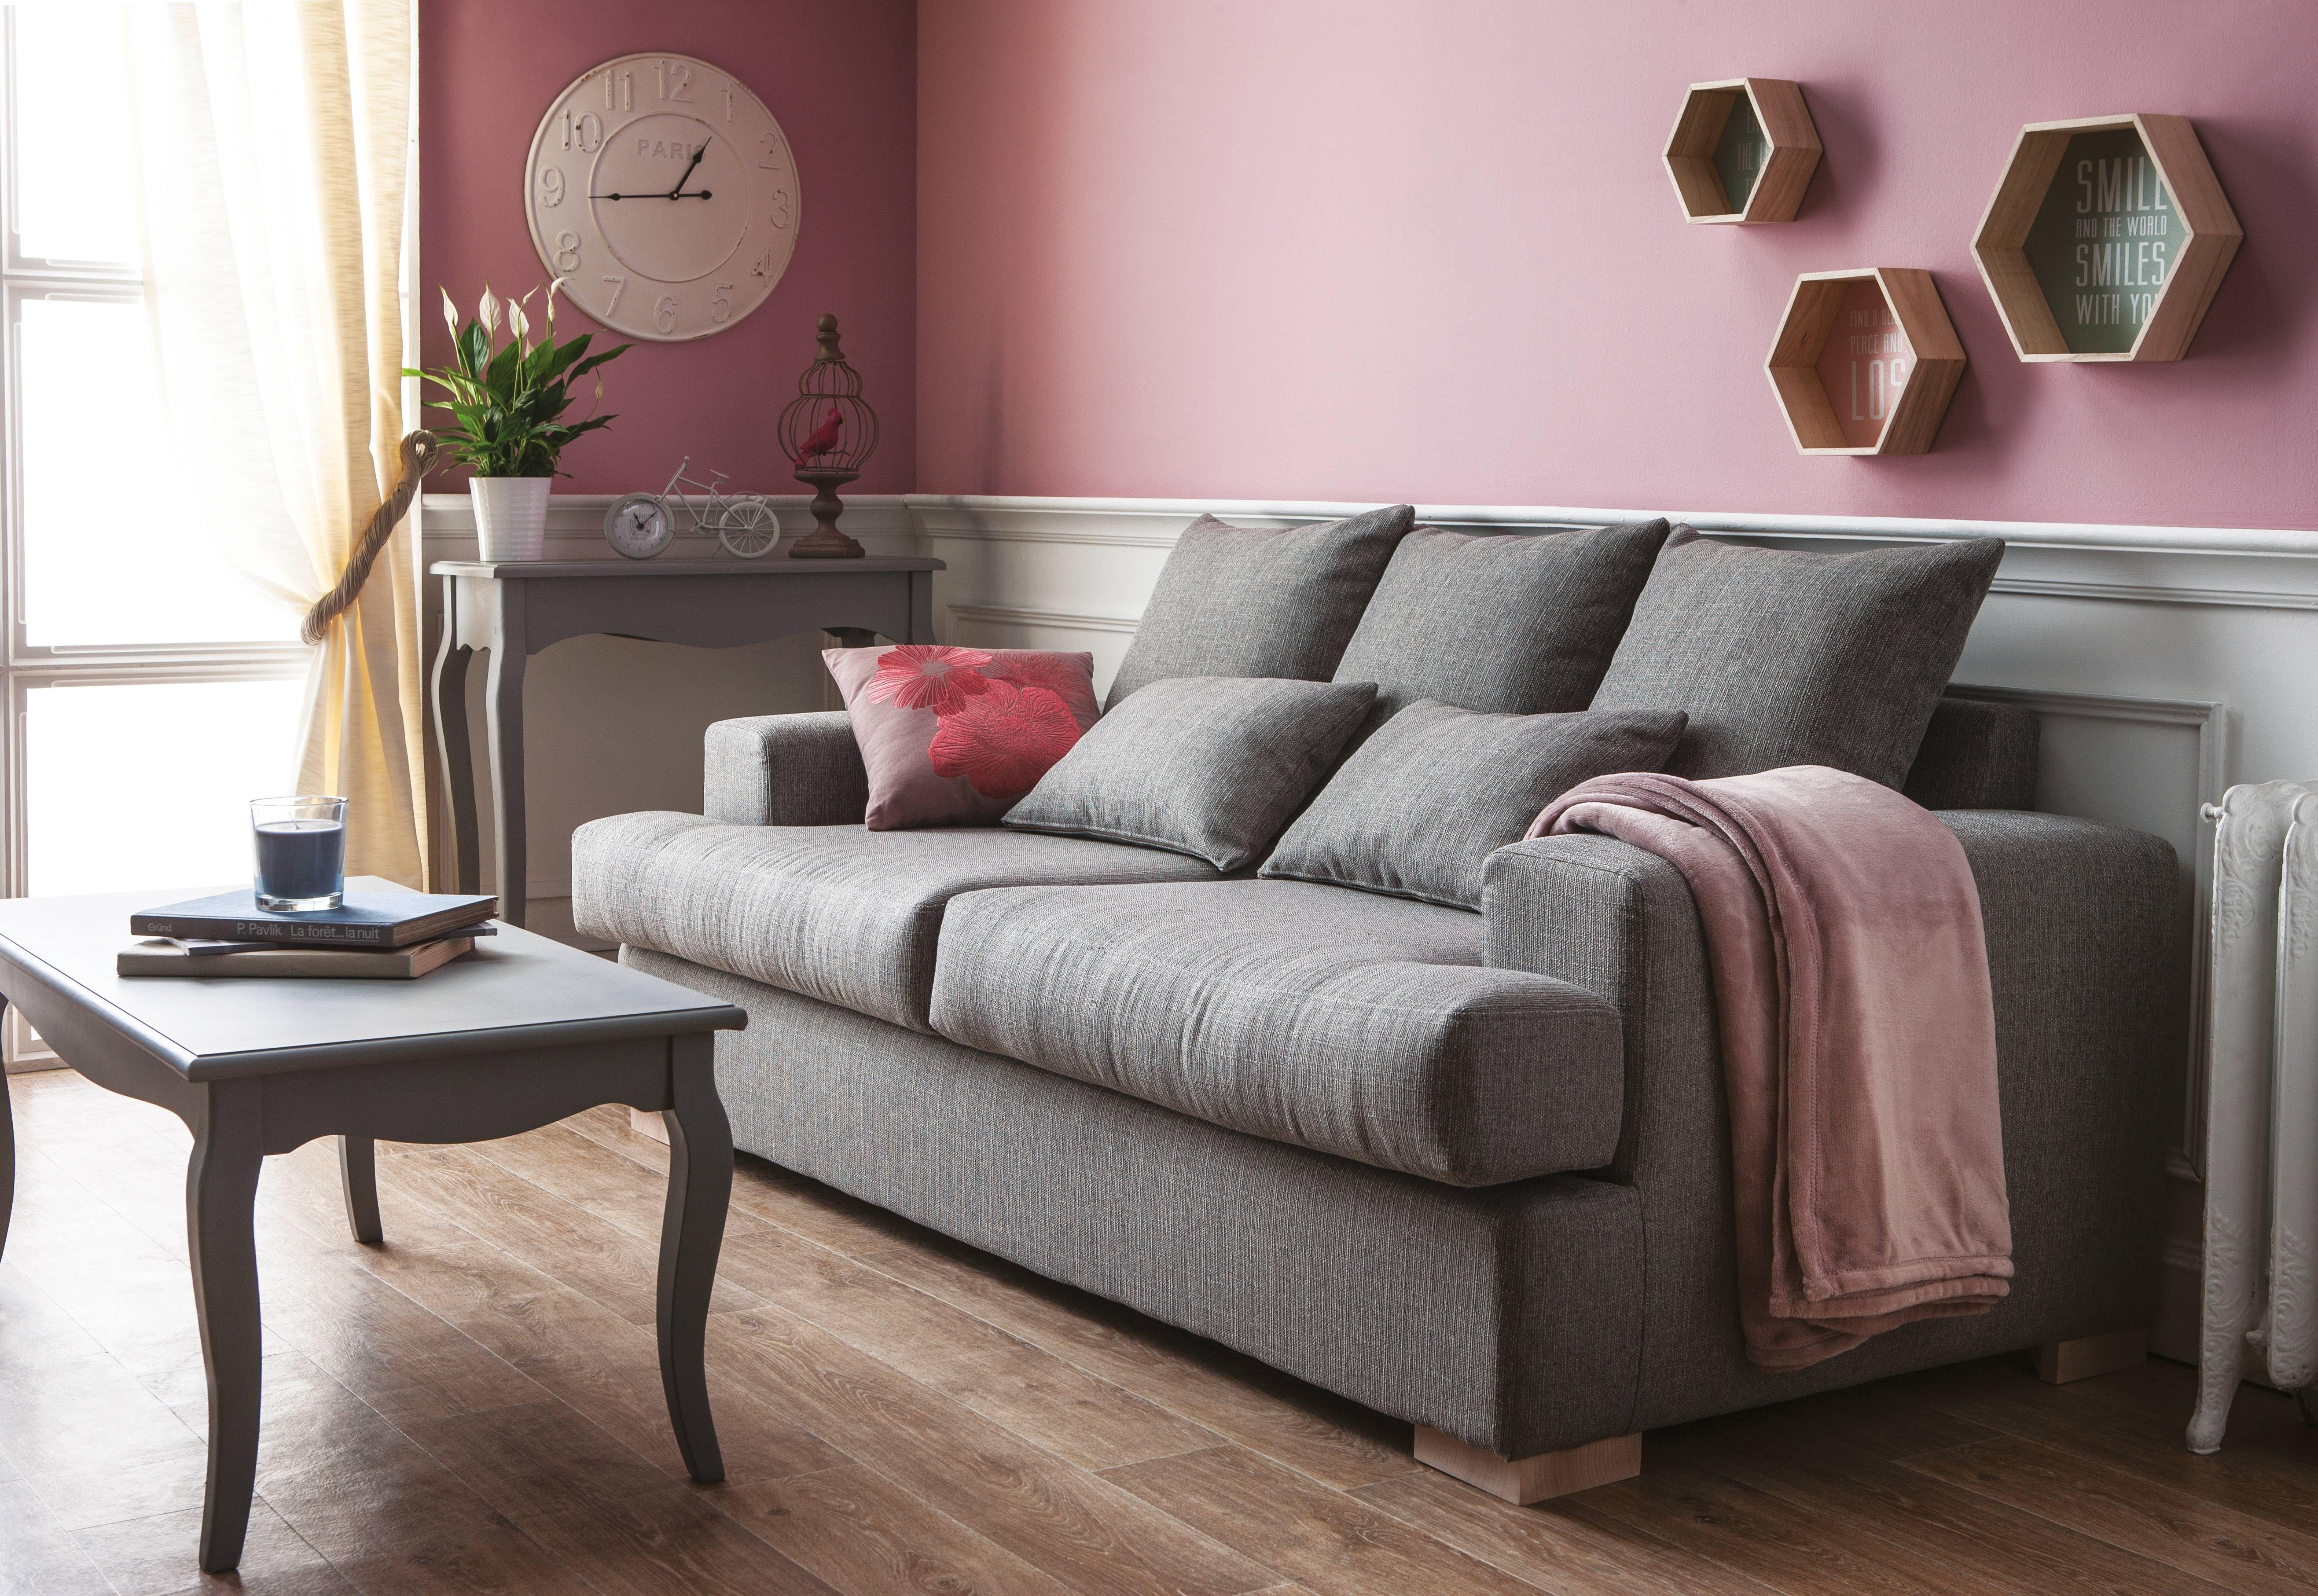 magasins et courses en ligne drive livraison domicile collection deco 2016 canap gris. Black Bedroom Furniture Sets. Home Design Ideas